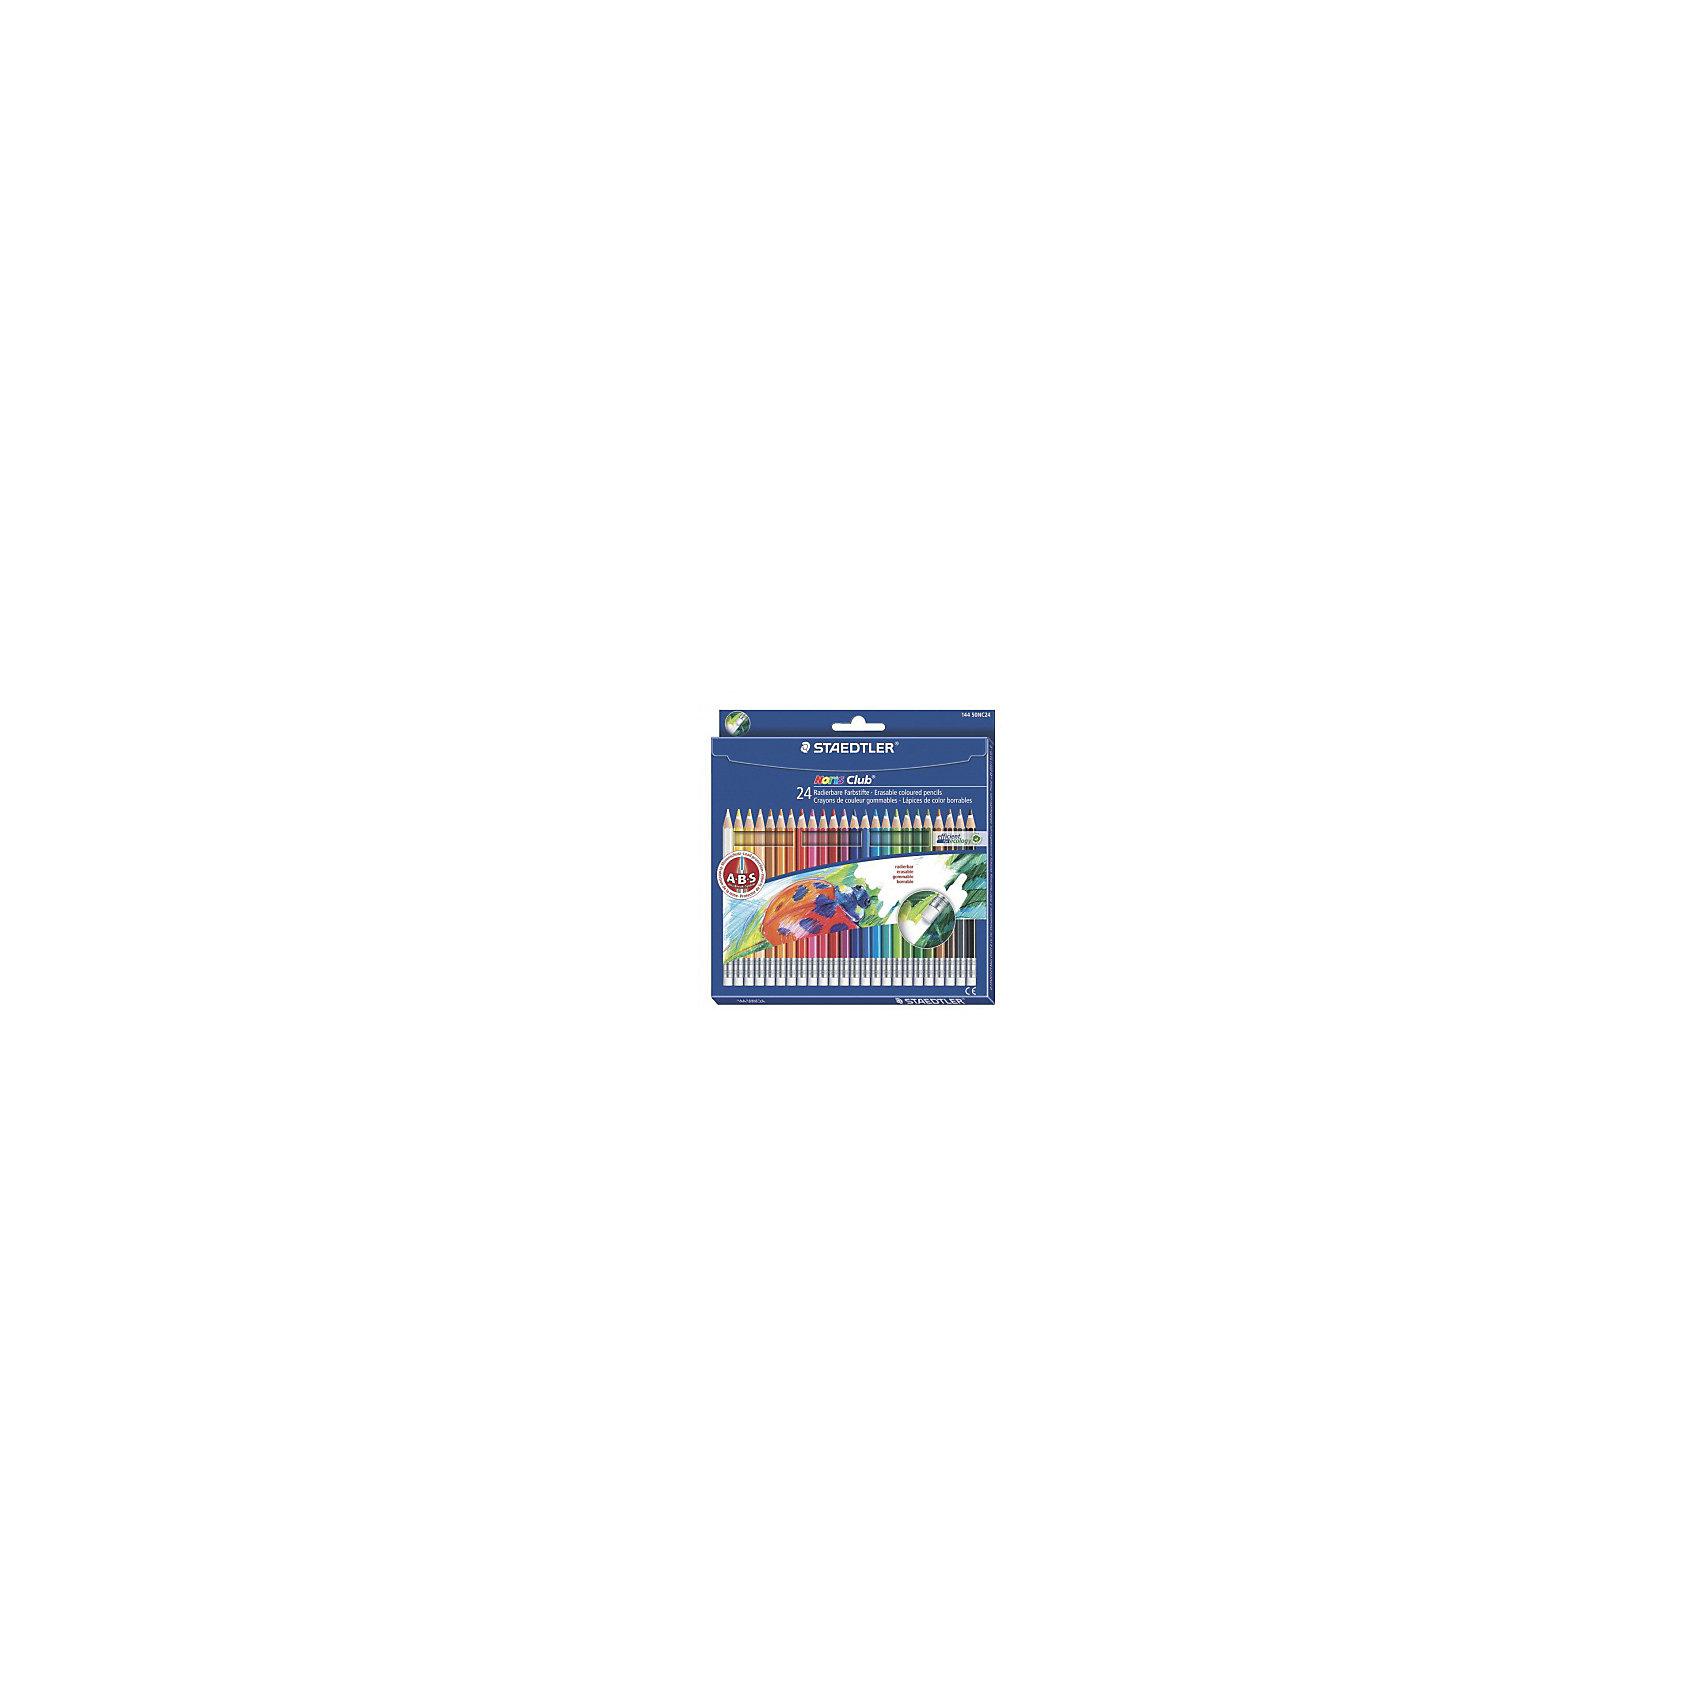 Цветные карандаши с ластиком NorisClub, 24 цв.Письменные принадлежности<br>Набор цветных карандашей Noris Club классической шестигранной формы с ластиком.  Небольшие ошибки могут быть мгновенно исправлены с помощью ластика без ПВХ. Картонная коробка. Содержит 24 цвета. A-B-C - белое защитное покрытие для укрепления грифеля и для защиты от поломки. Очень мягкий и яркий грифель. При призводстве используется древесина сертифицированных и  специально подготовленных лесов.<br><br>Ширина мм: 196<br>Глубина мм: 189<br>Высота мм: 10<br>Вес г: 160<br>Возраст от месяцев: 60<br>Возраст до месяцев: 168<br>Пол: Унисекс<br>Возраст: Детский<br>SKU: 4853255